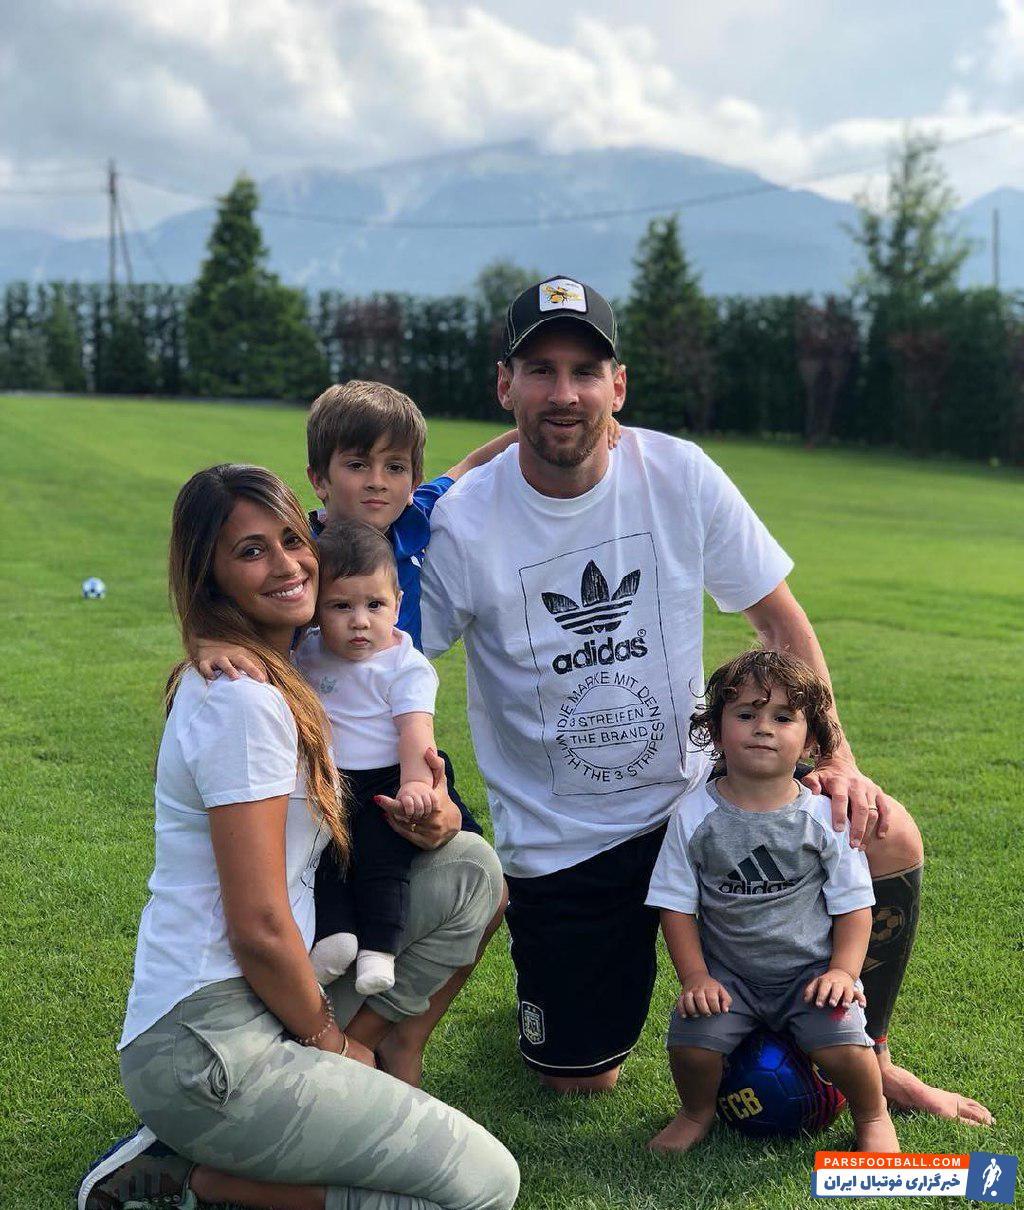 لیونل مسی در فیفادی هم از فرصت استفاده کرده و مشغول استراحت با خانواده است.